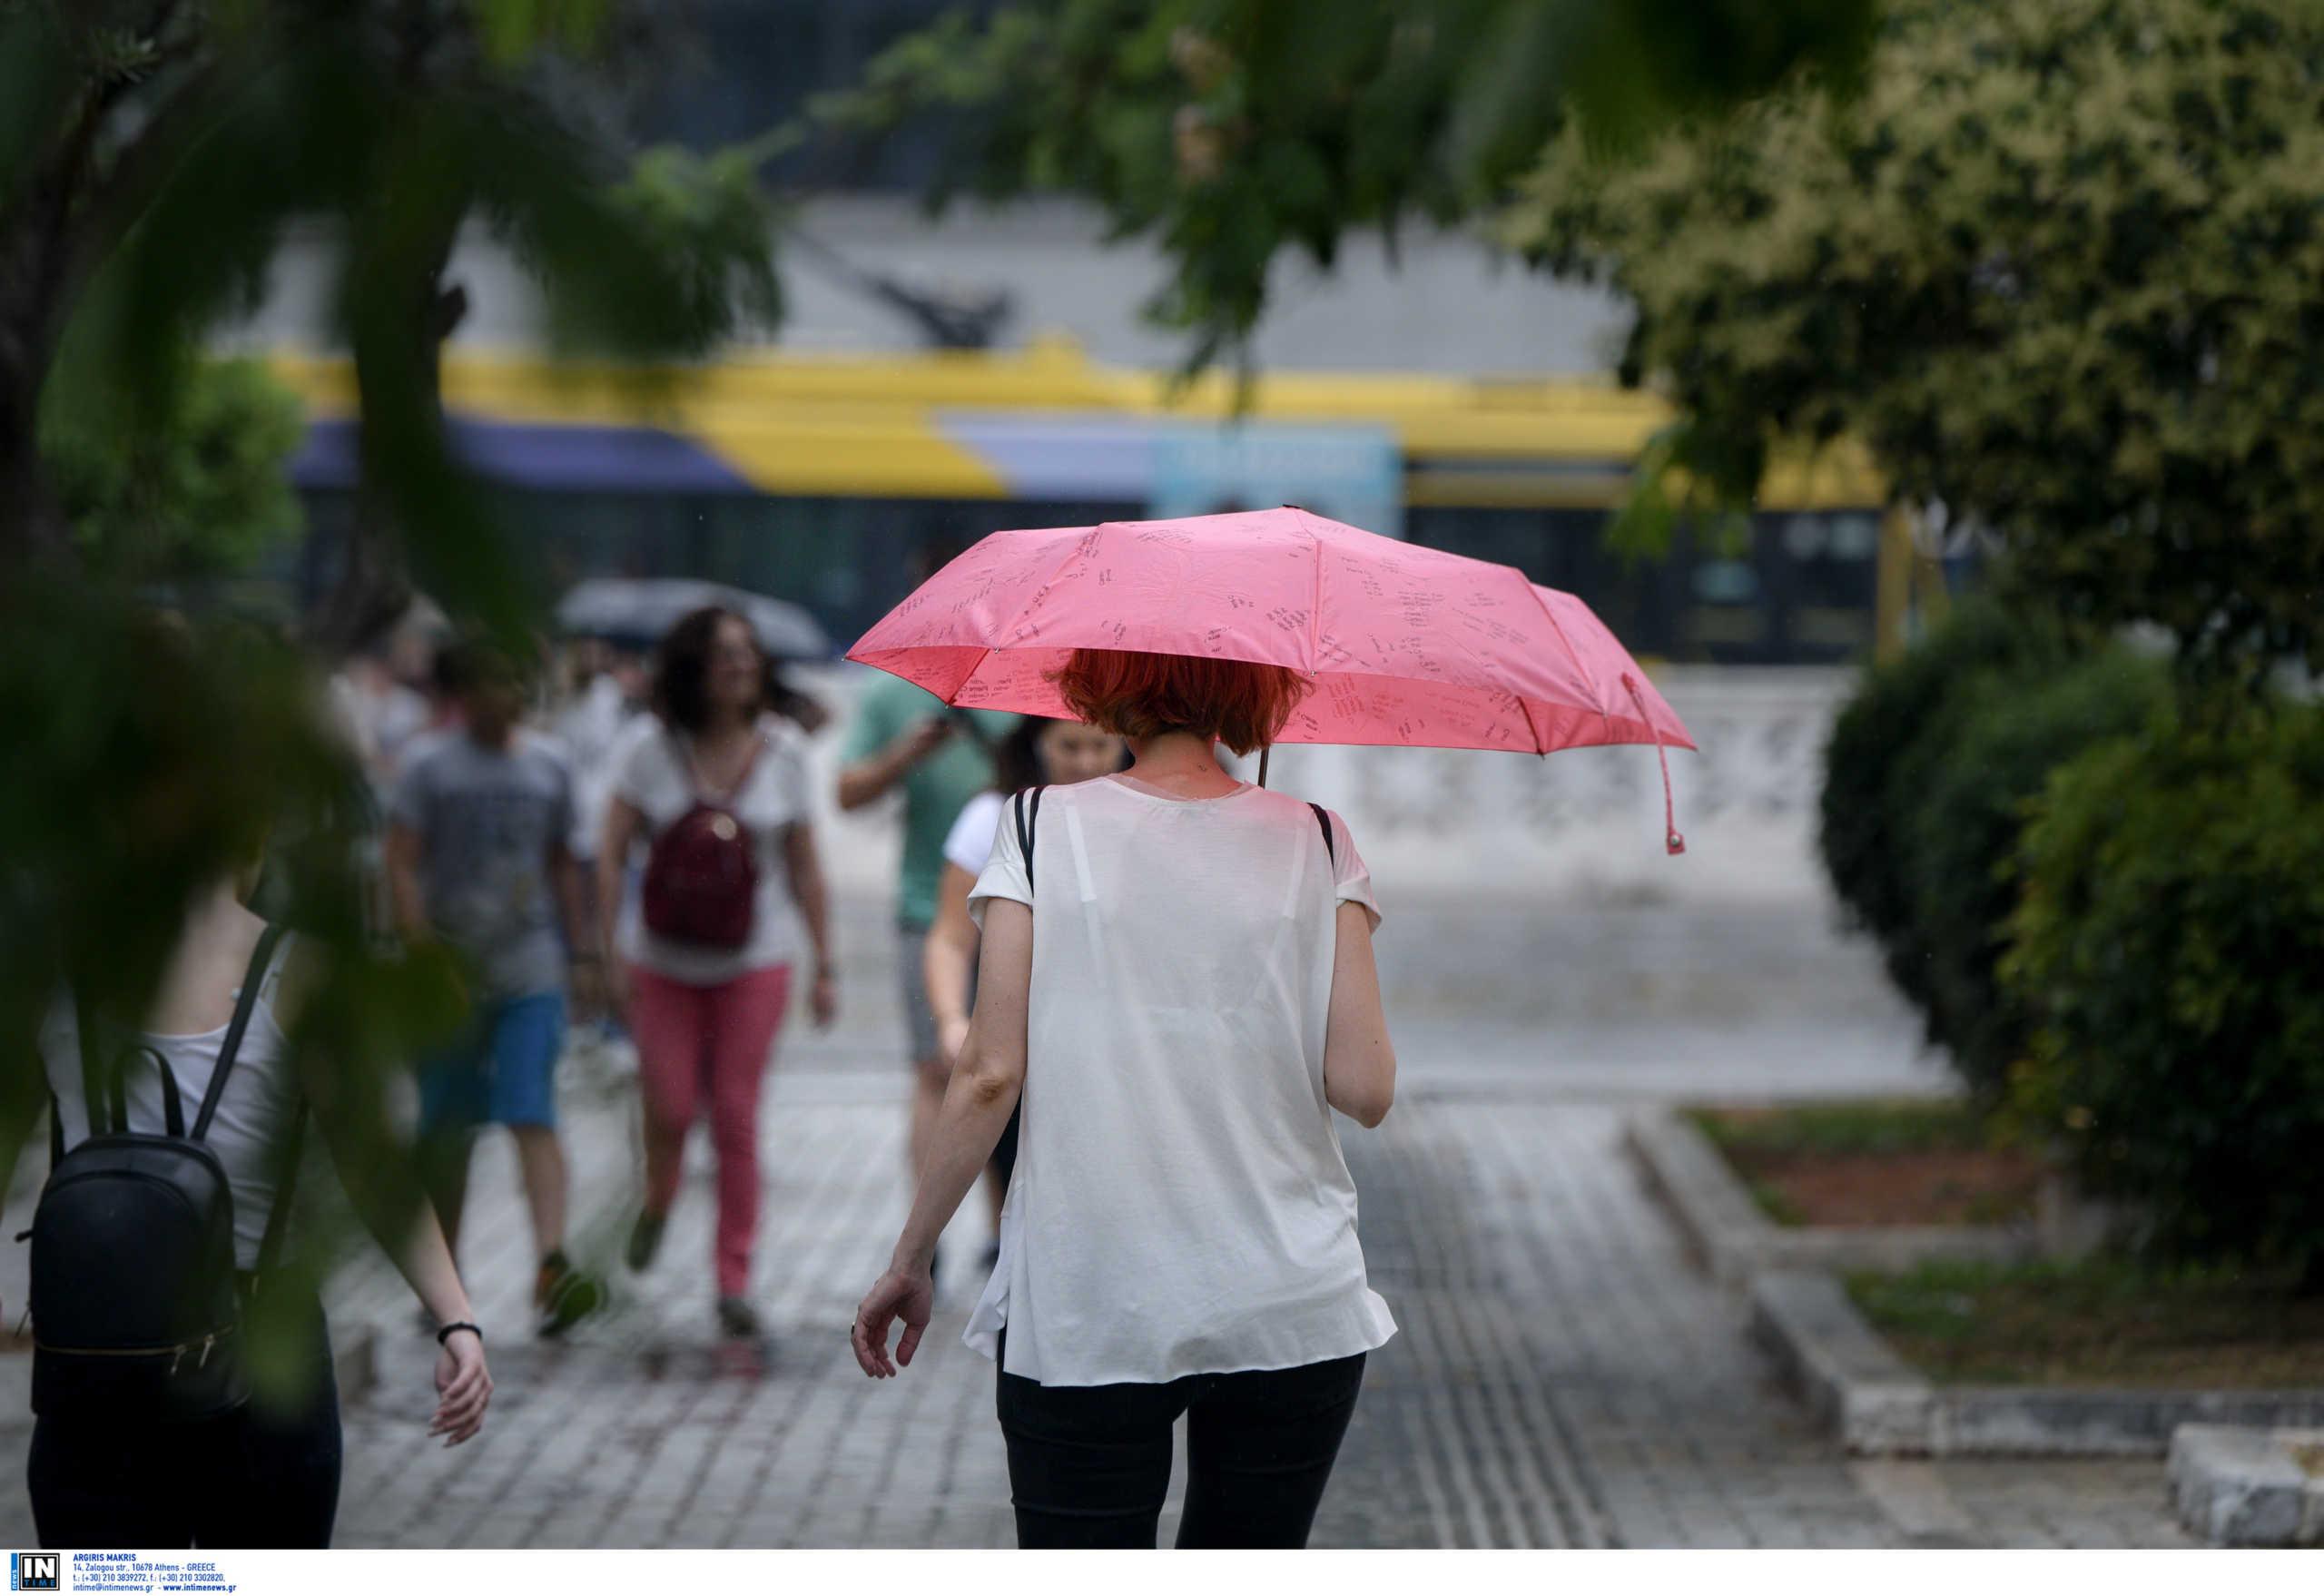 Καιρός σήμερα: Έρχονται βροχές, ενώ η ζέστη επιμένει